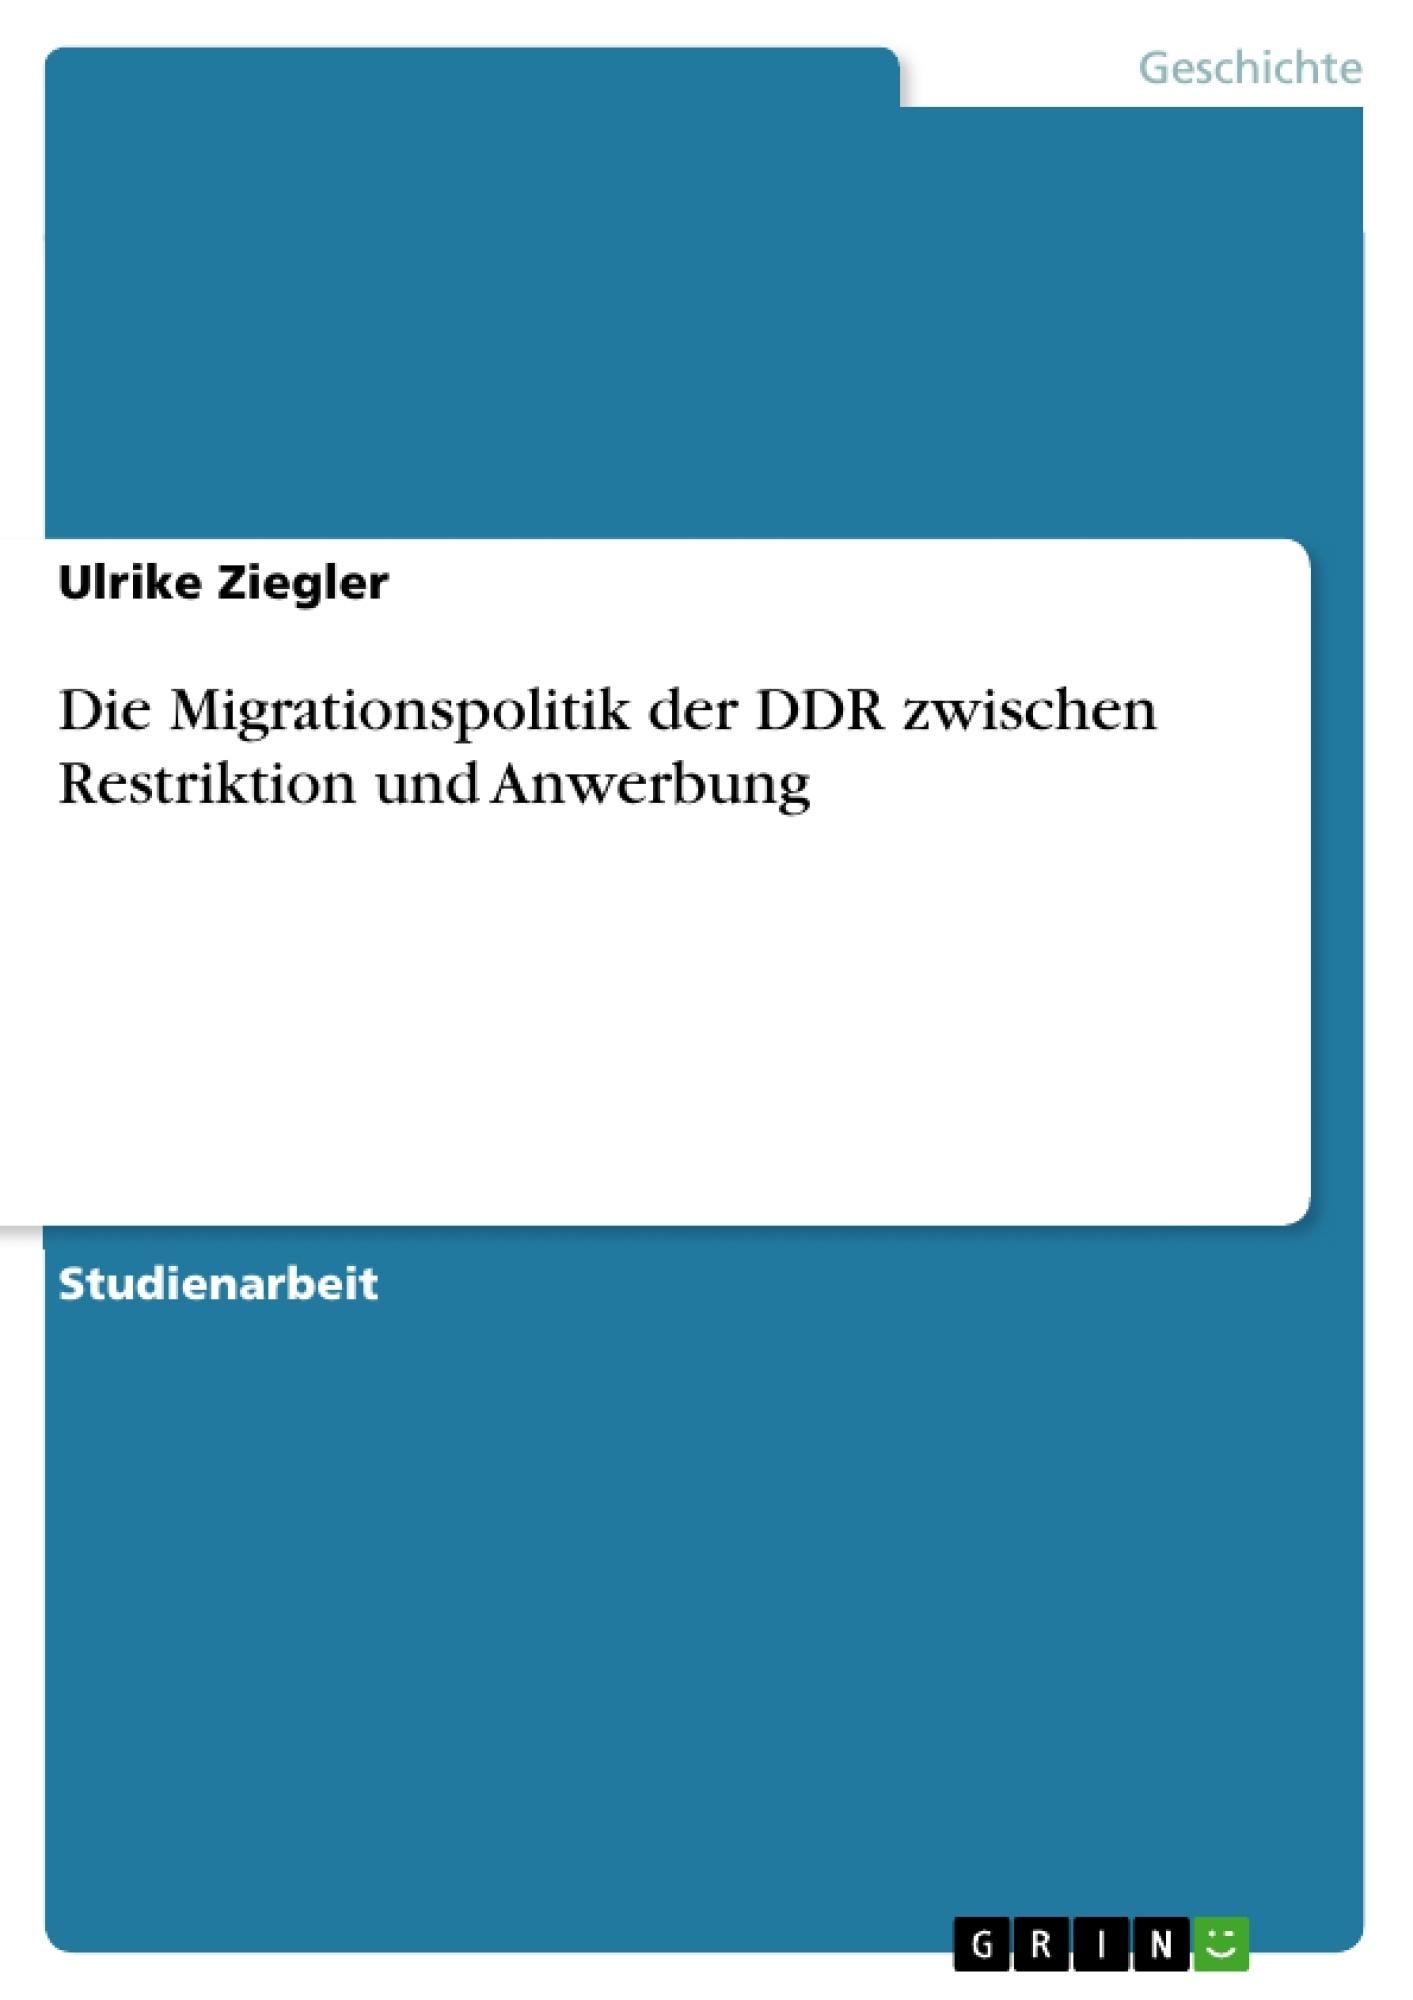 Titel: Die Migrationspolitik der DDR  zwischen Restriktion und Anwerbung